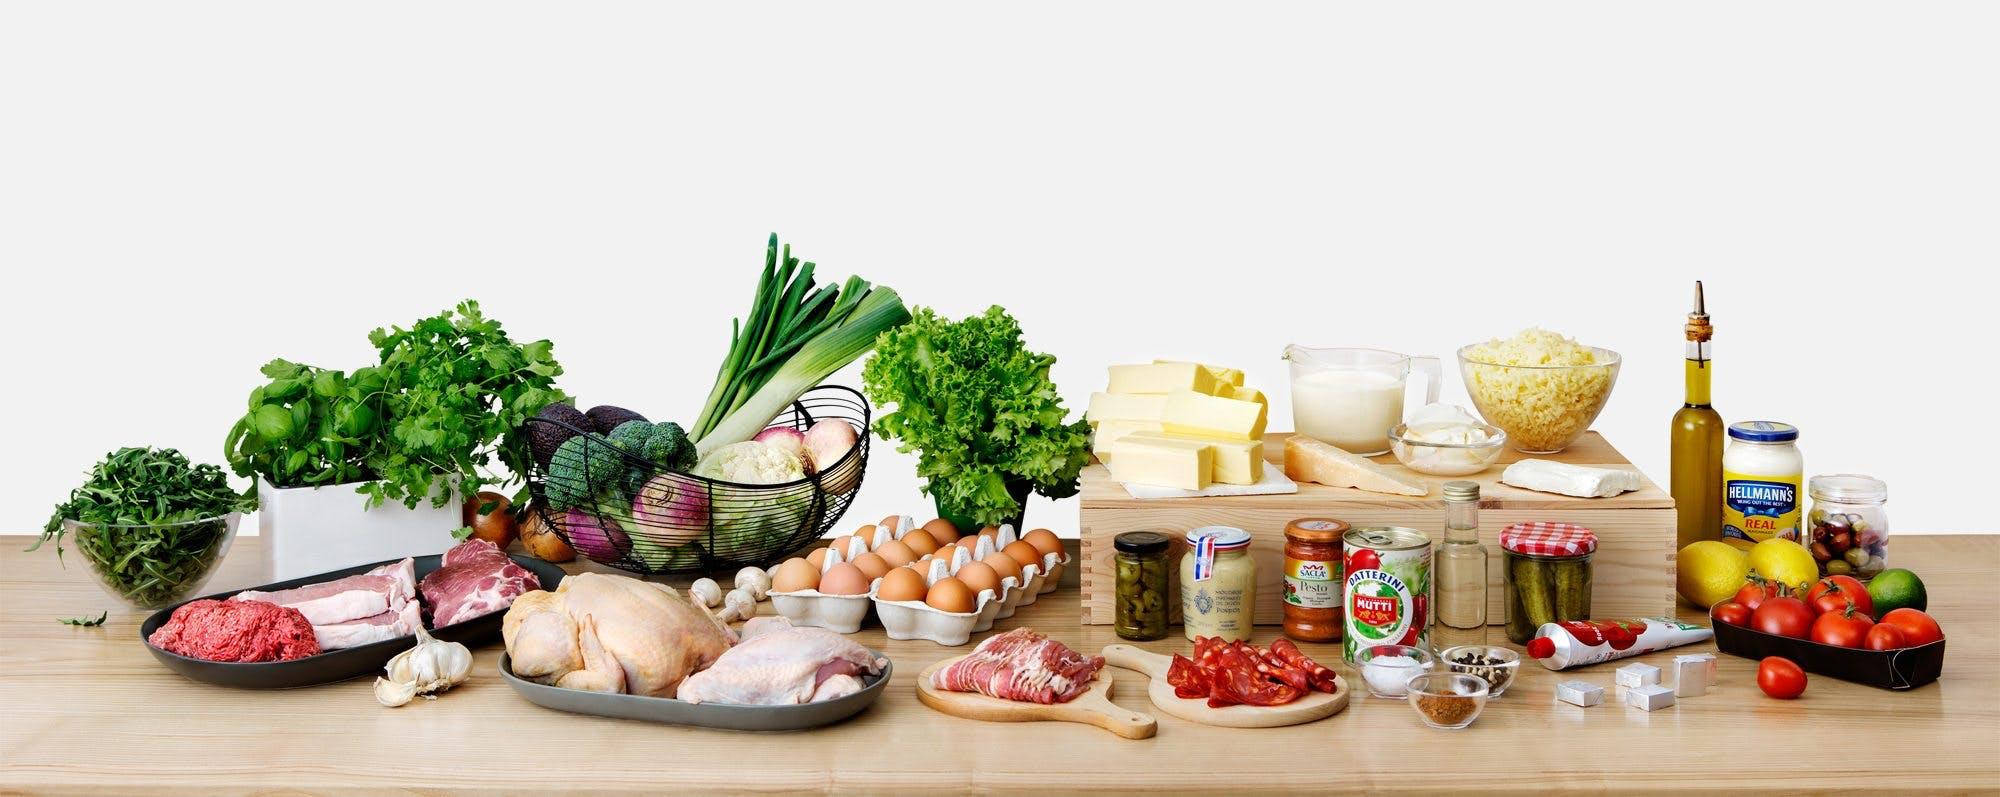 Diet Doctors gratis LCHF-utmaning öppen!